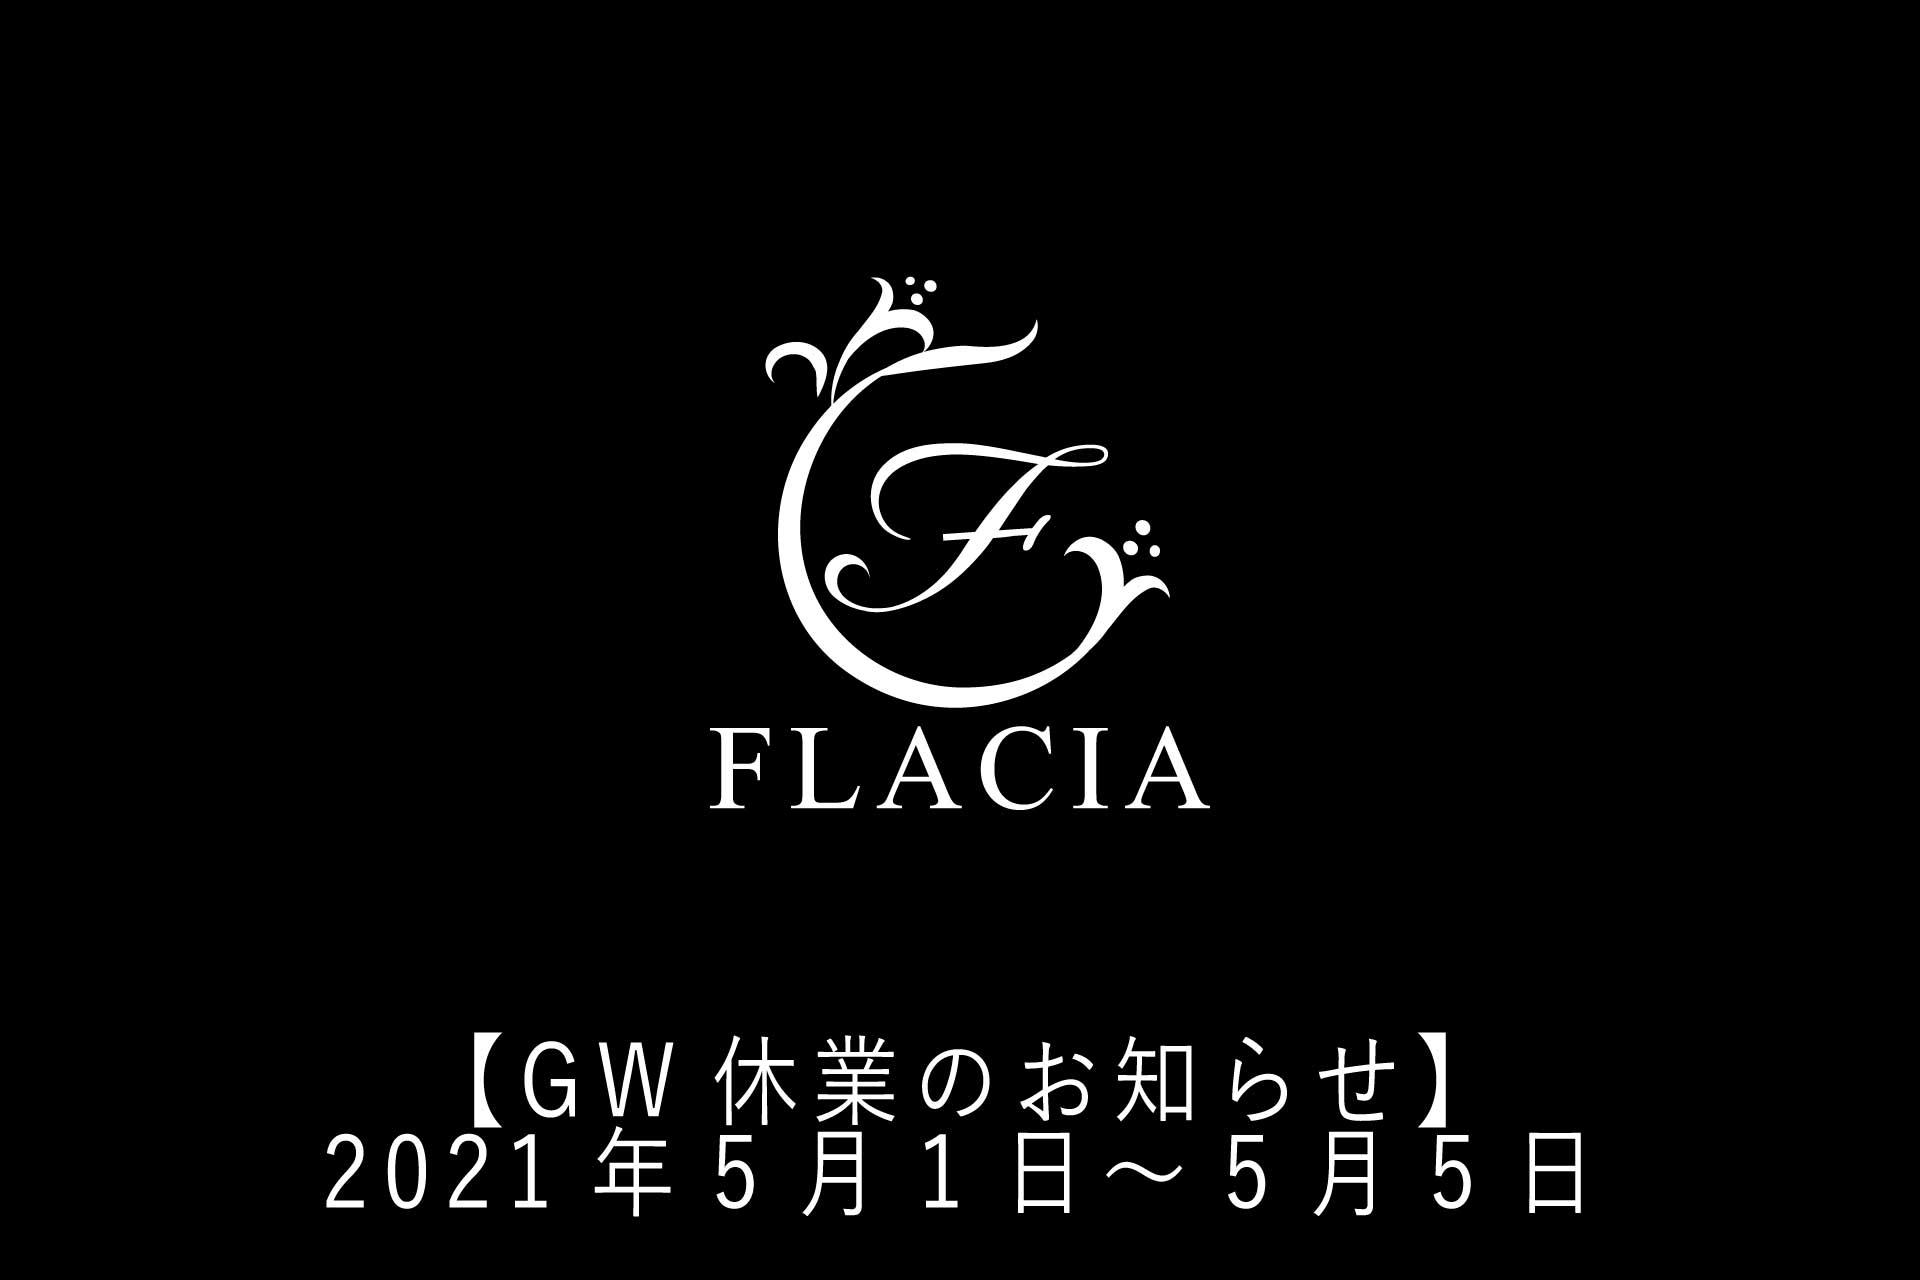 2021_GW休業5/1~5/5